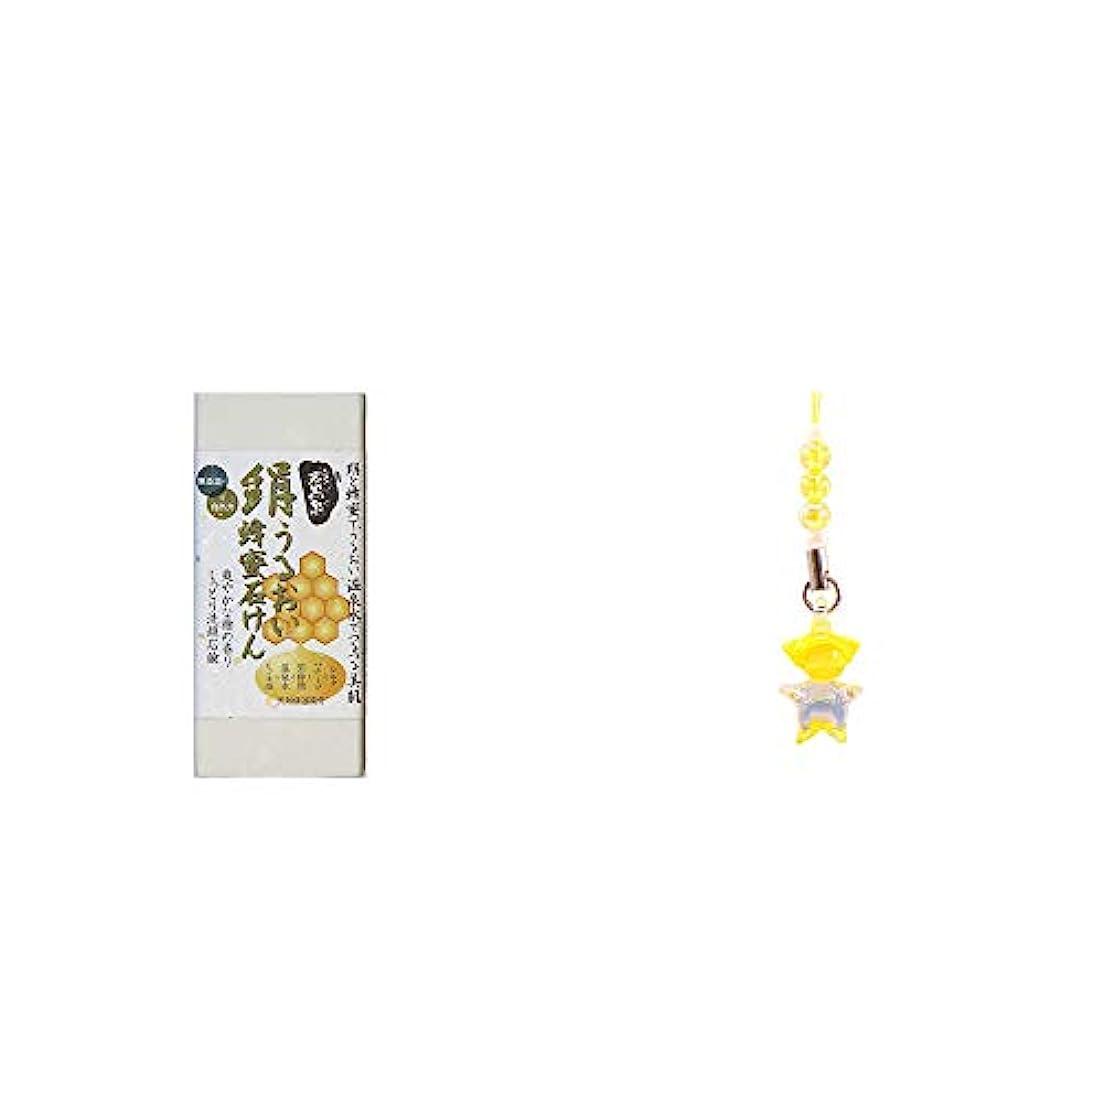 ロケットスタジオ限りなく[2点セット] ひのき炭黒泉 絹うるおい蜂蜜石けん(75g×2)?ガラスのさるぼぼ 手作りキーホルダー 【黄】 /金運?ギャンブル運?財運?宝くじ当選祈願//